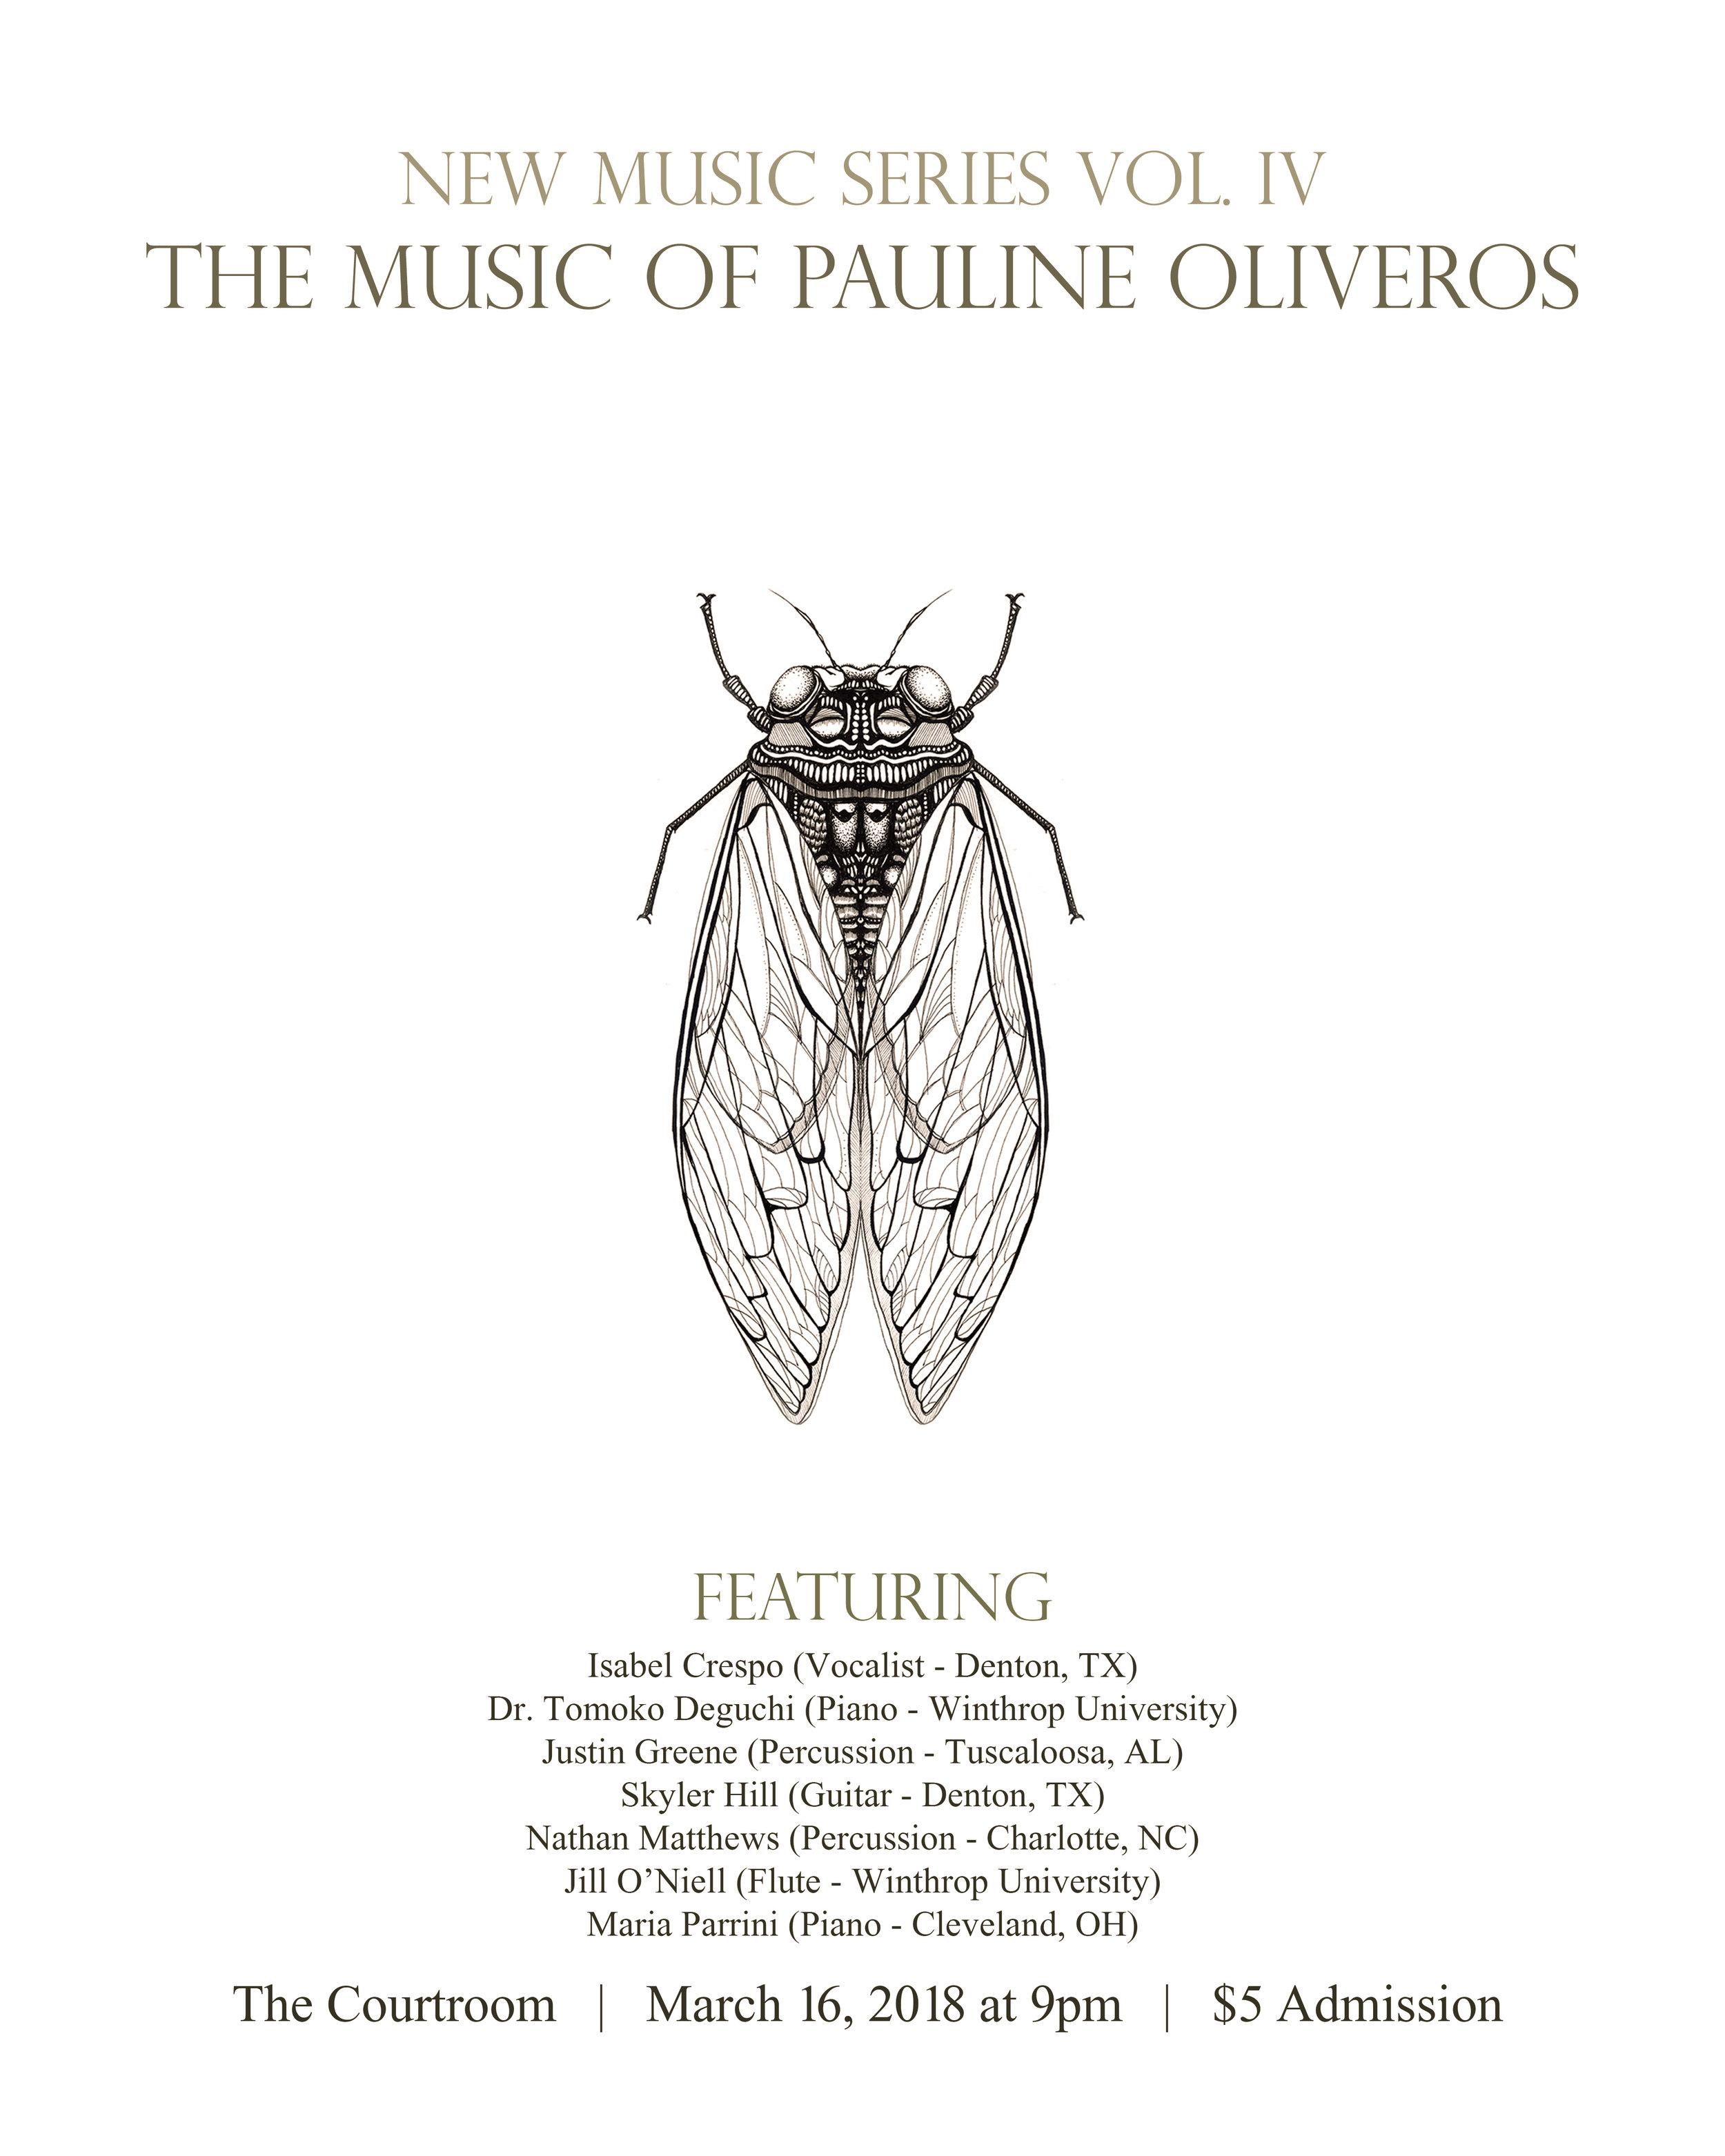 Pauline Oliveros Concert 03.16.18 IG Poster.jpg